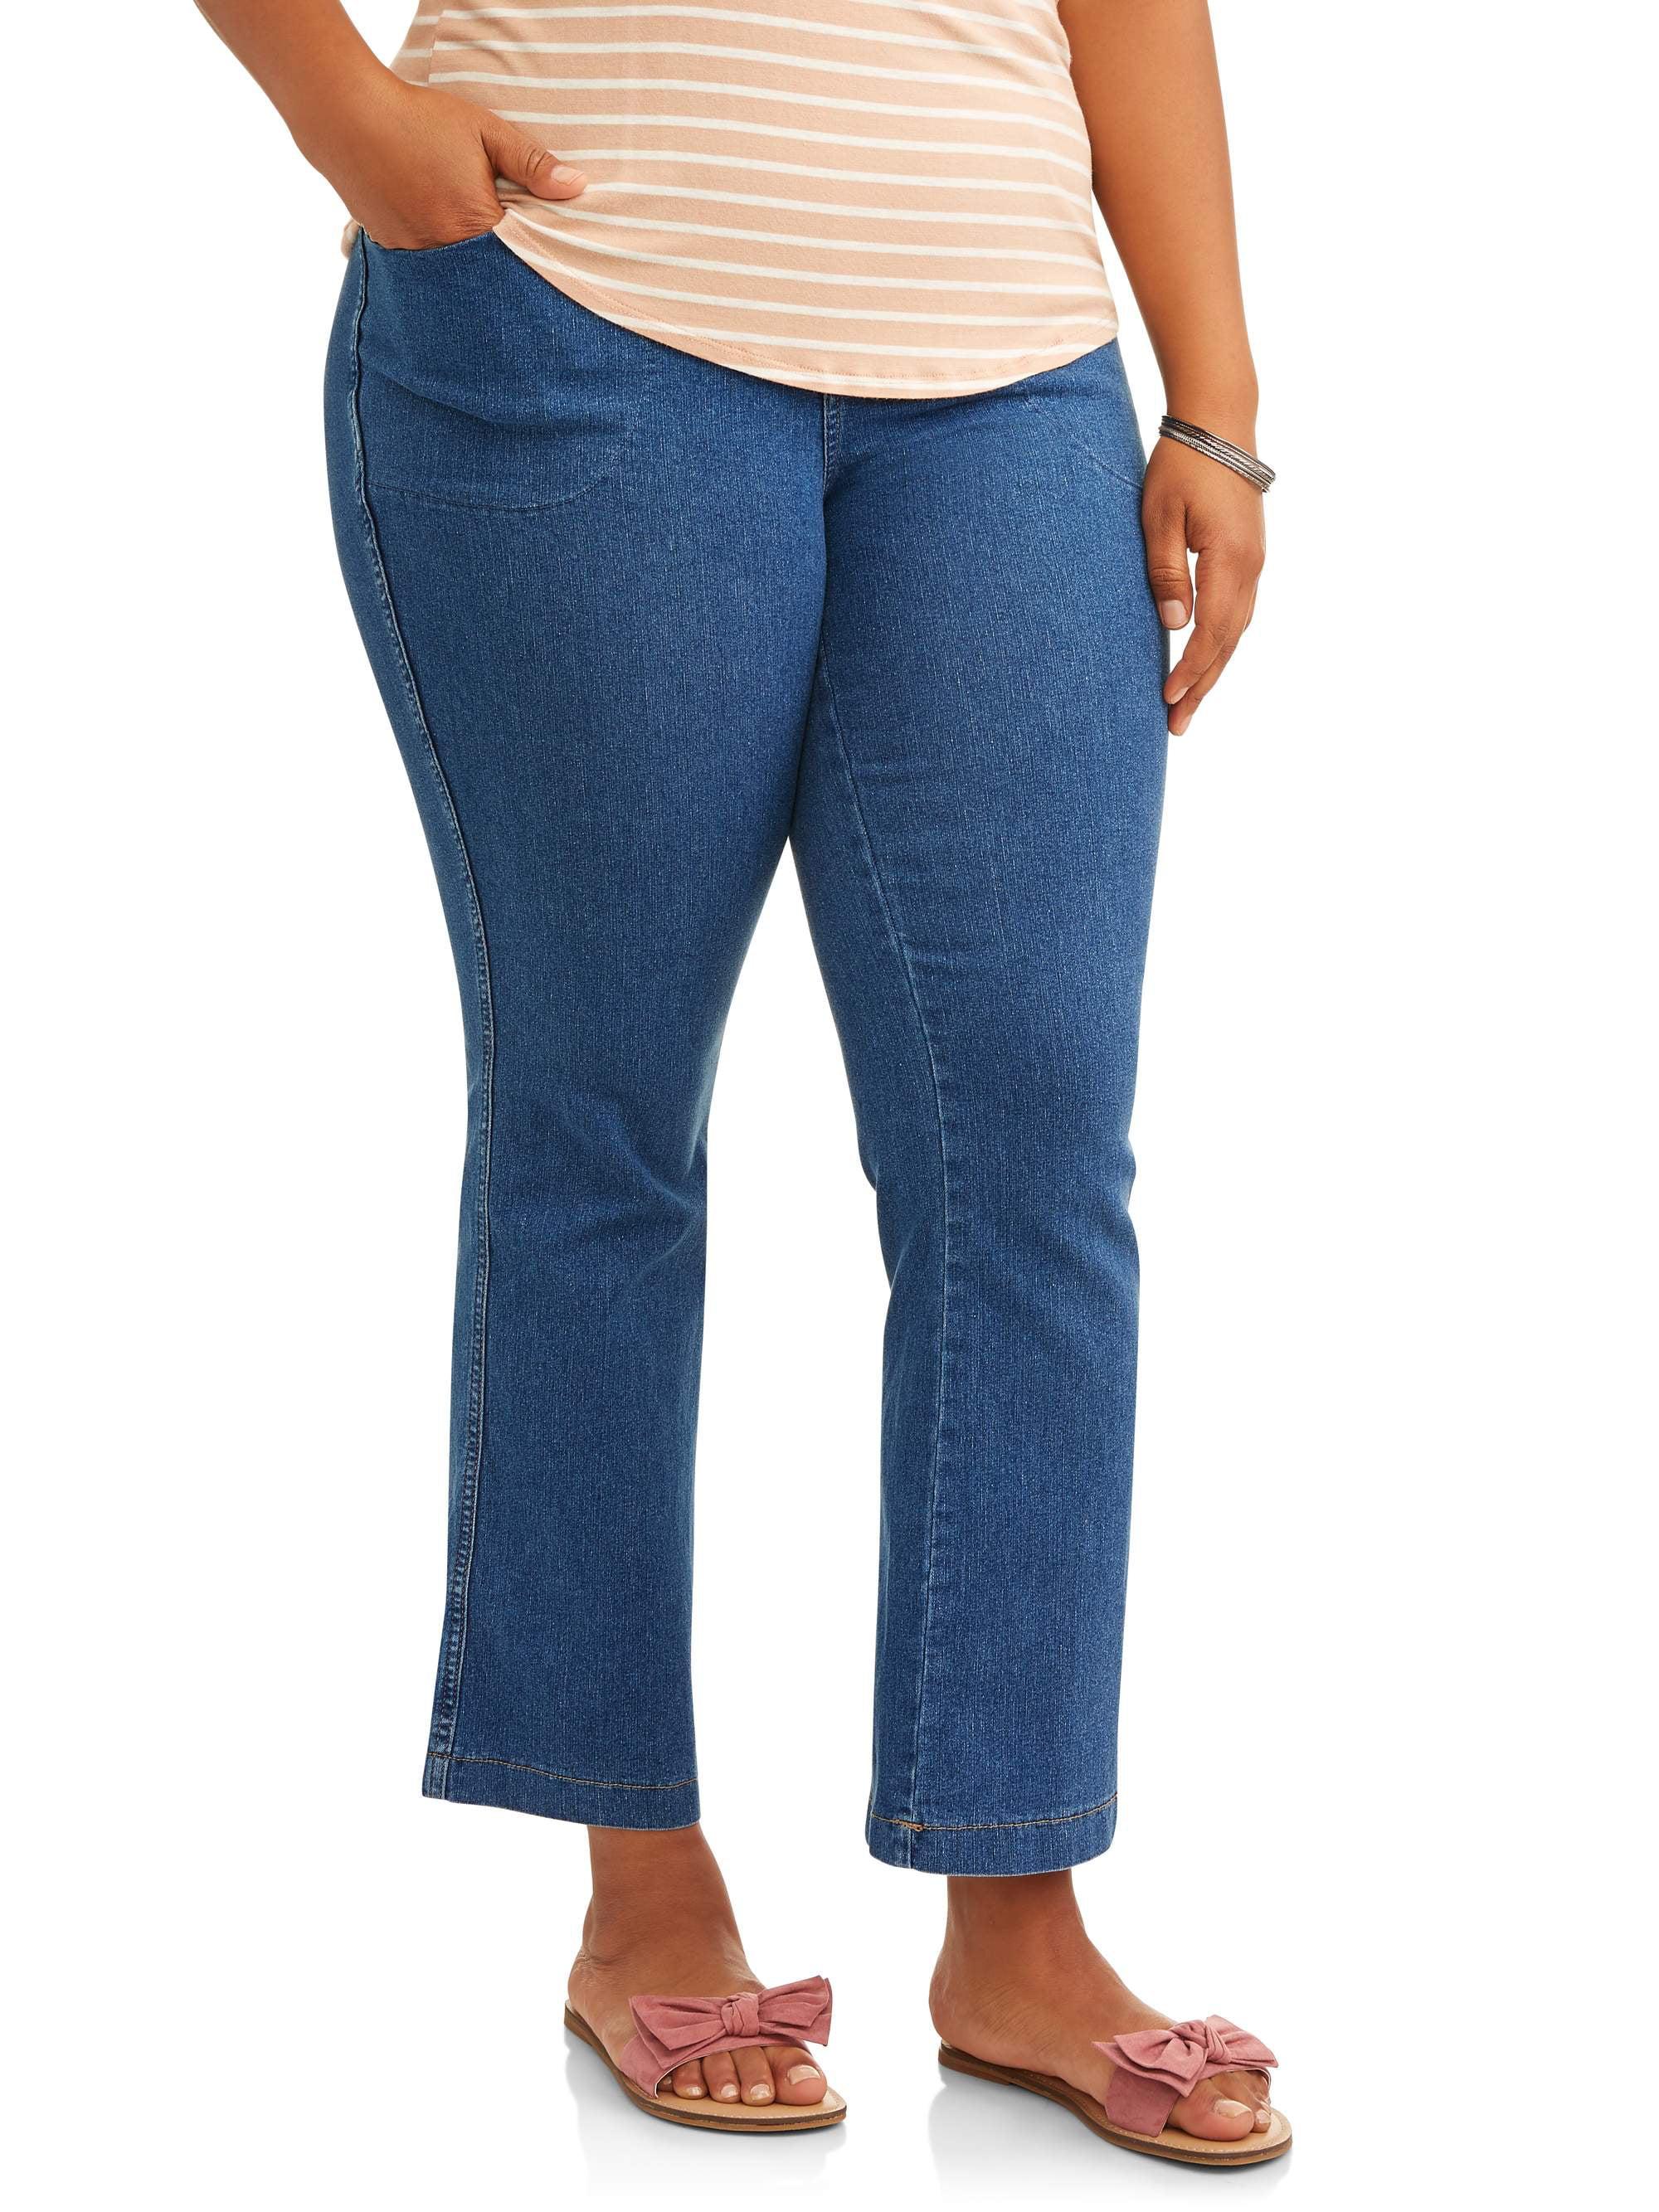 6b23ec92f Just My Size Women's Bootcut Pull-on Denim Jeans Medium Stone Wash 1x Petite